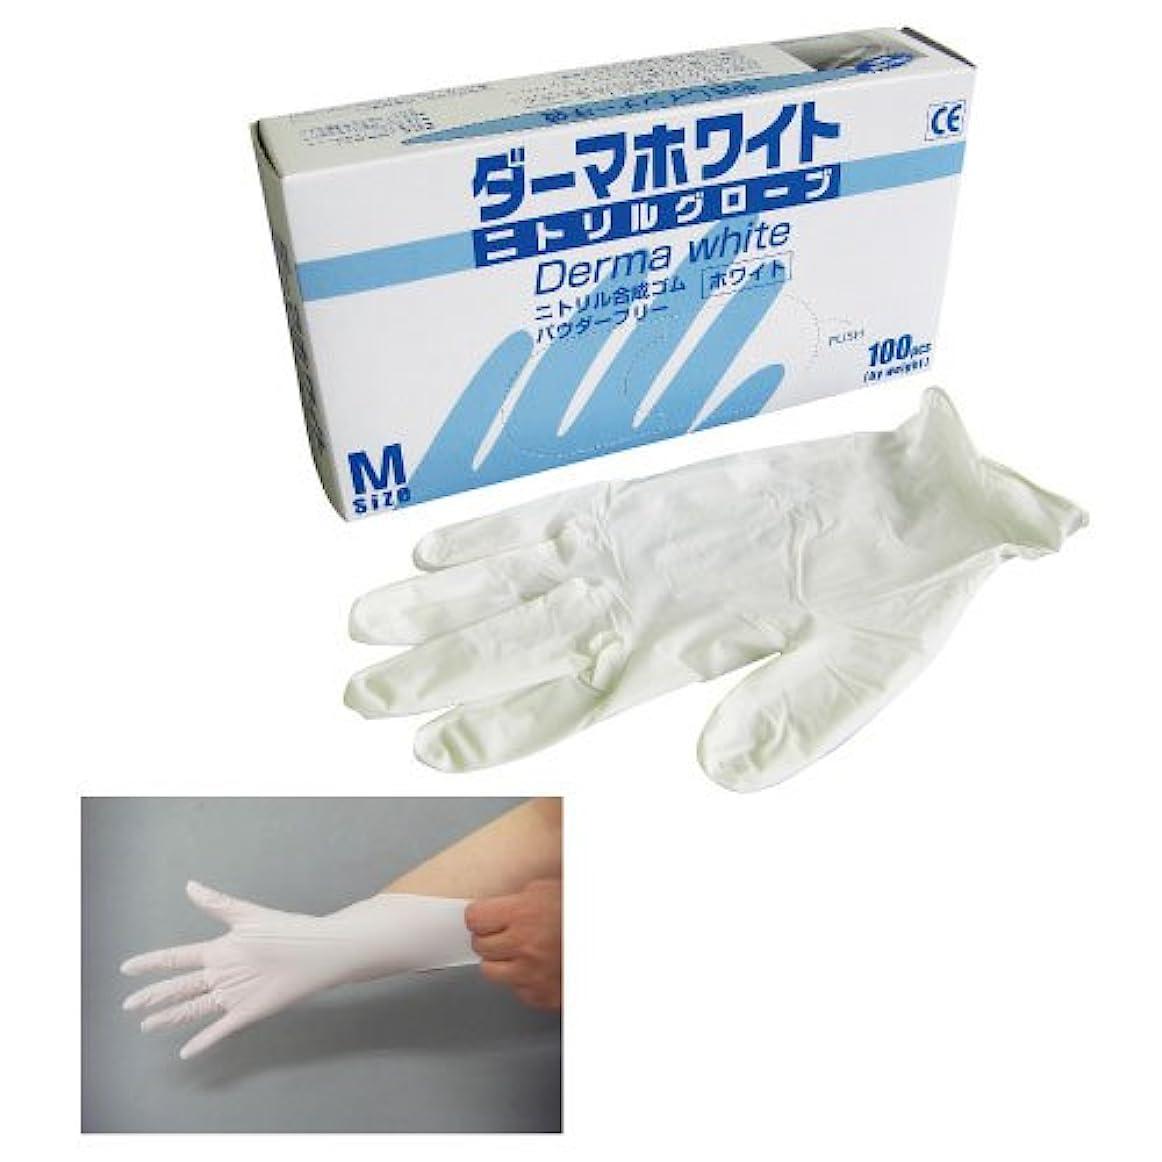 朝食を食べるアレルギー性病者ダーマホワイト ニトリル手袋PF ?????????????????PF(23-3770-03)GN01(L)100??